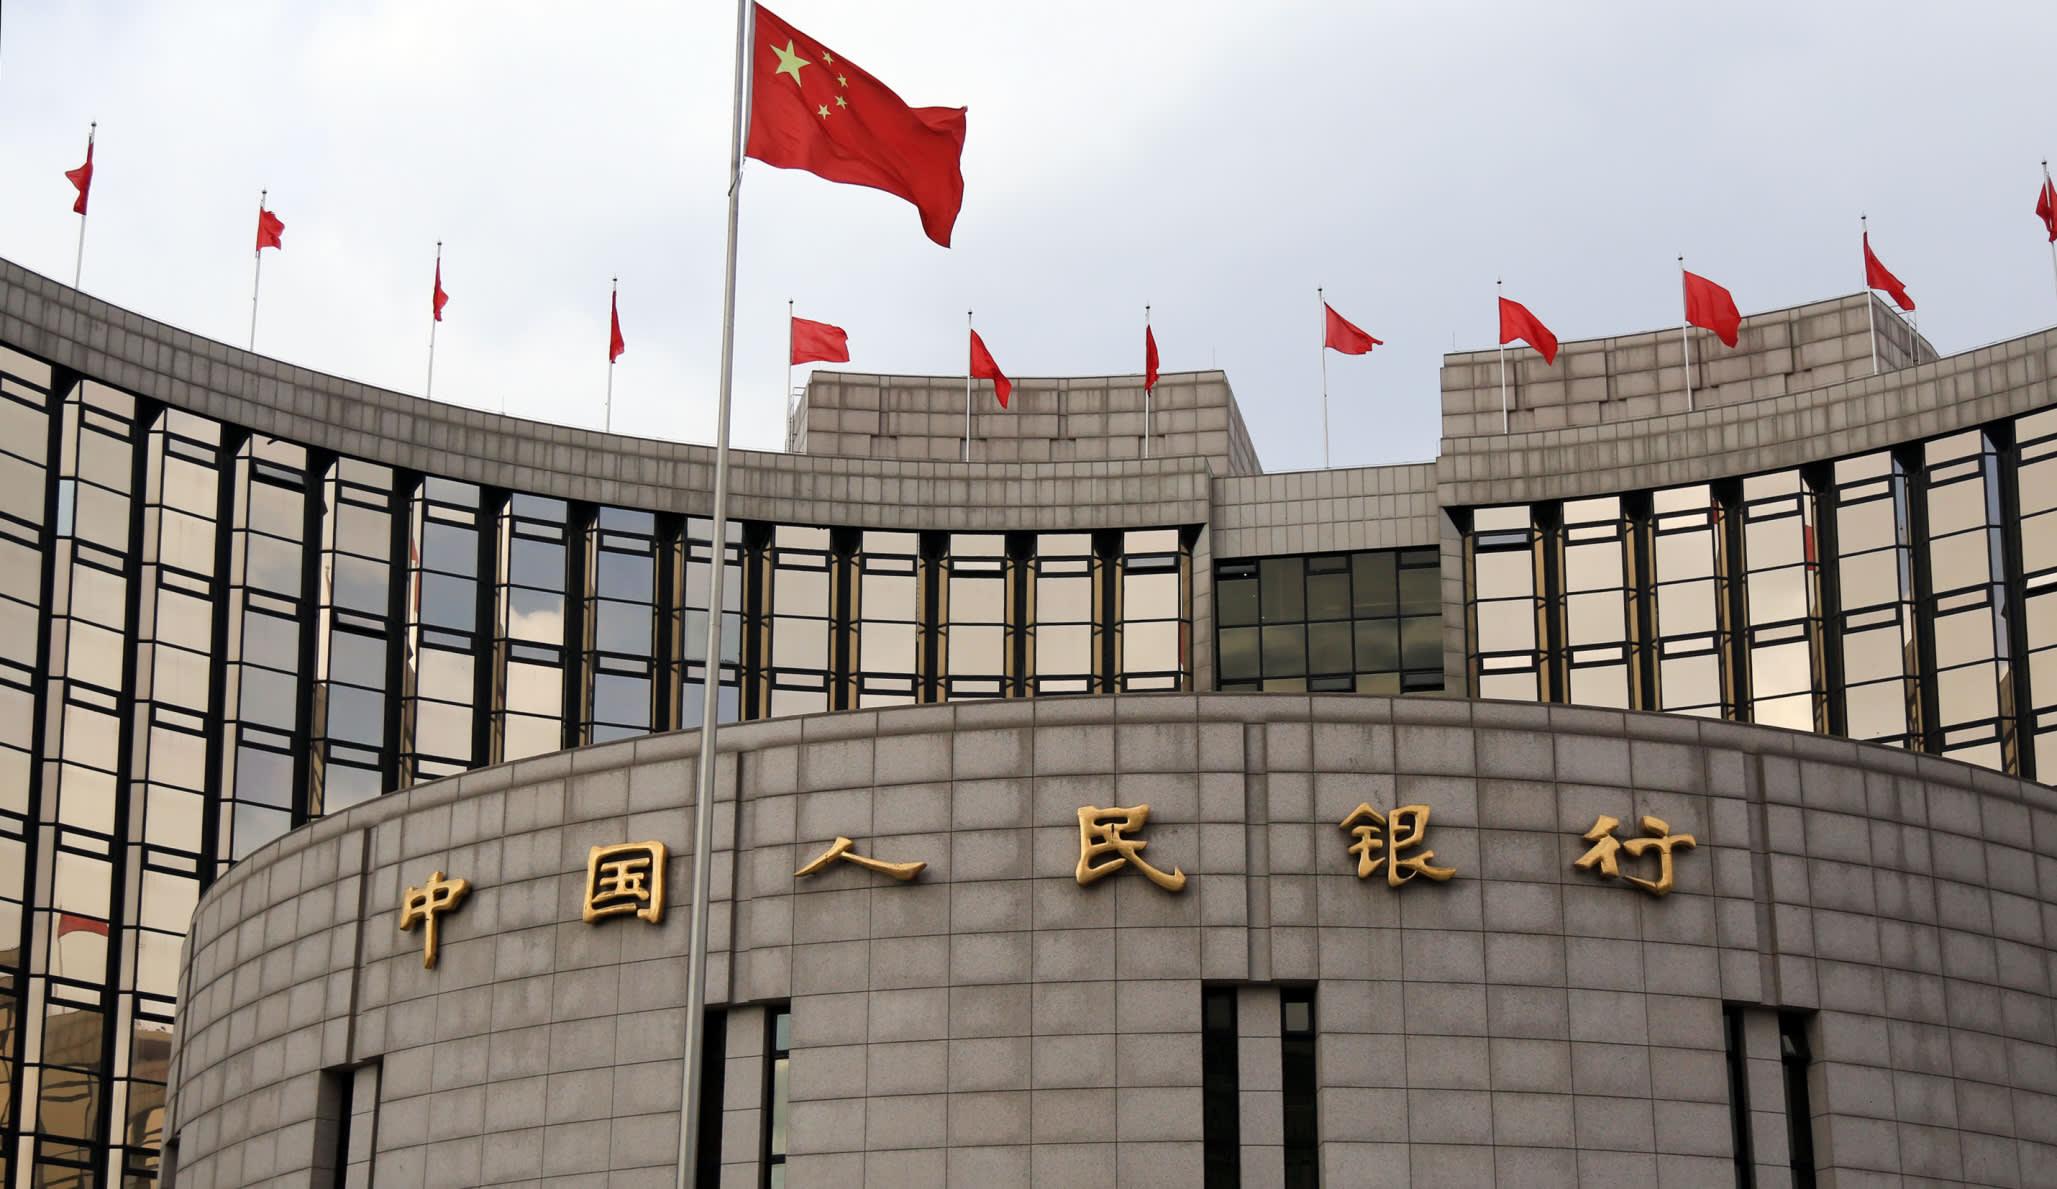 نتیجه تصویری برای بانک مرکزی چین